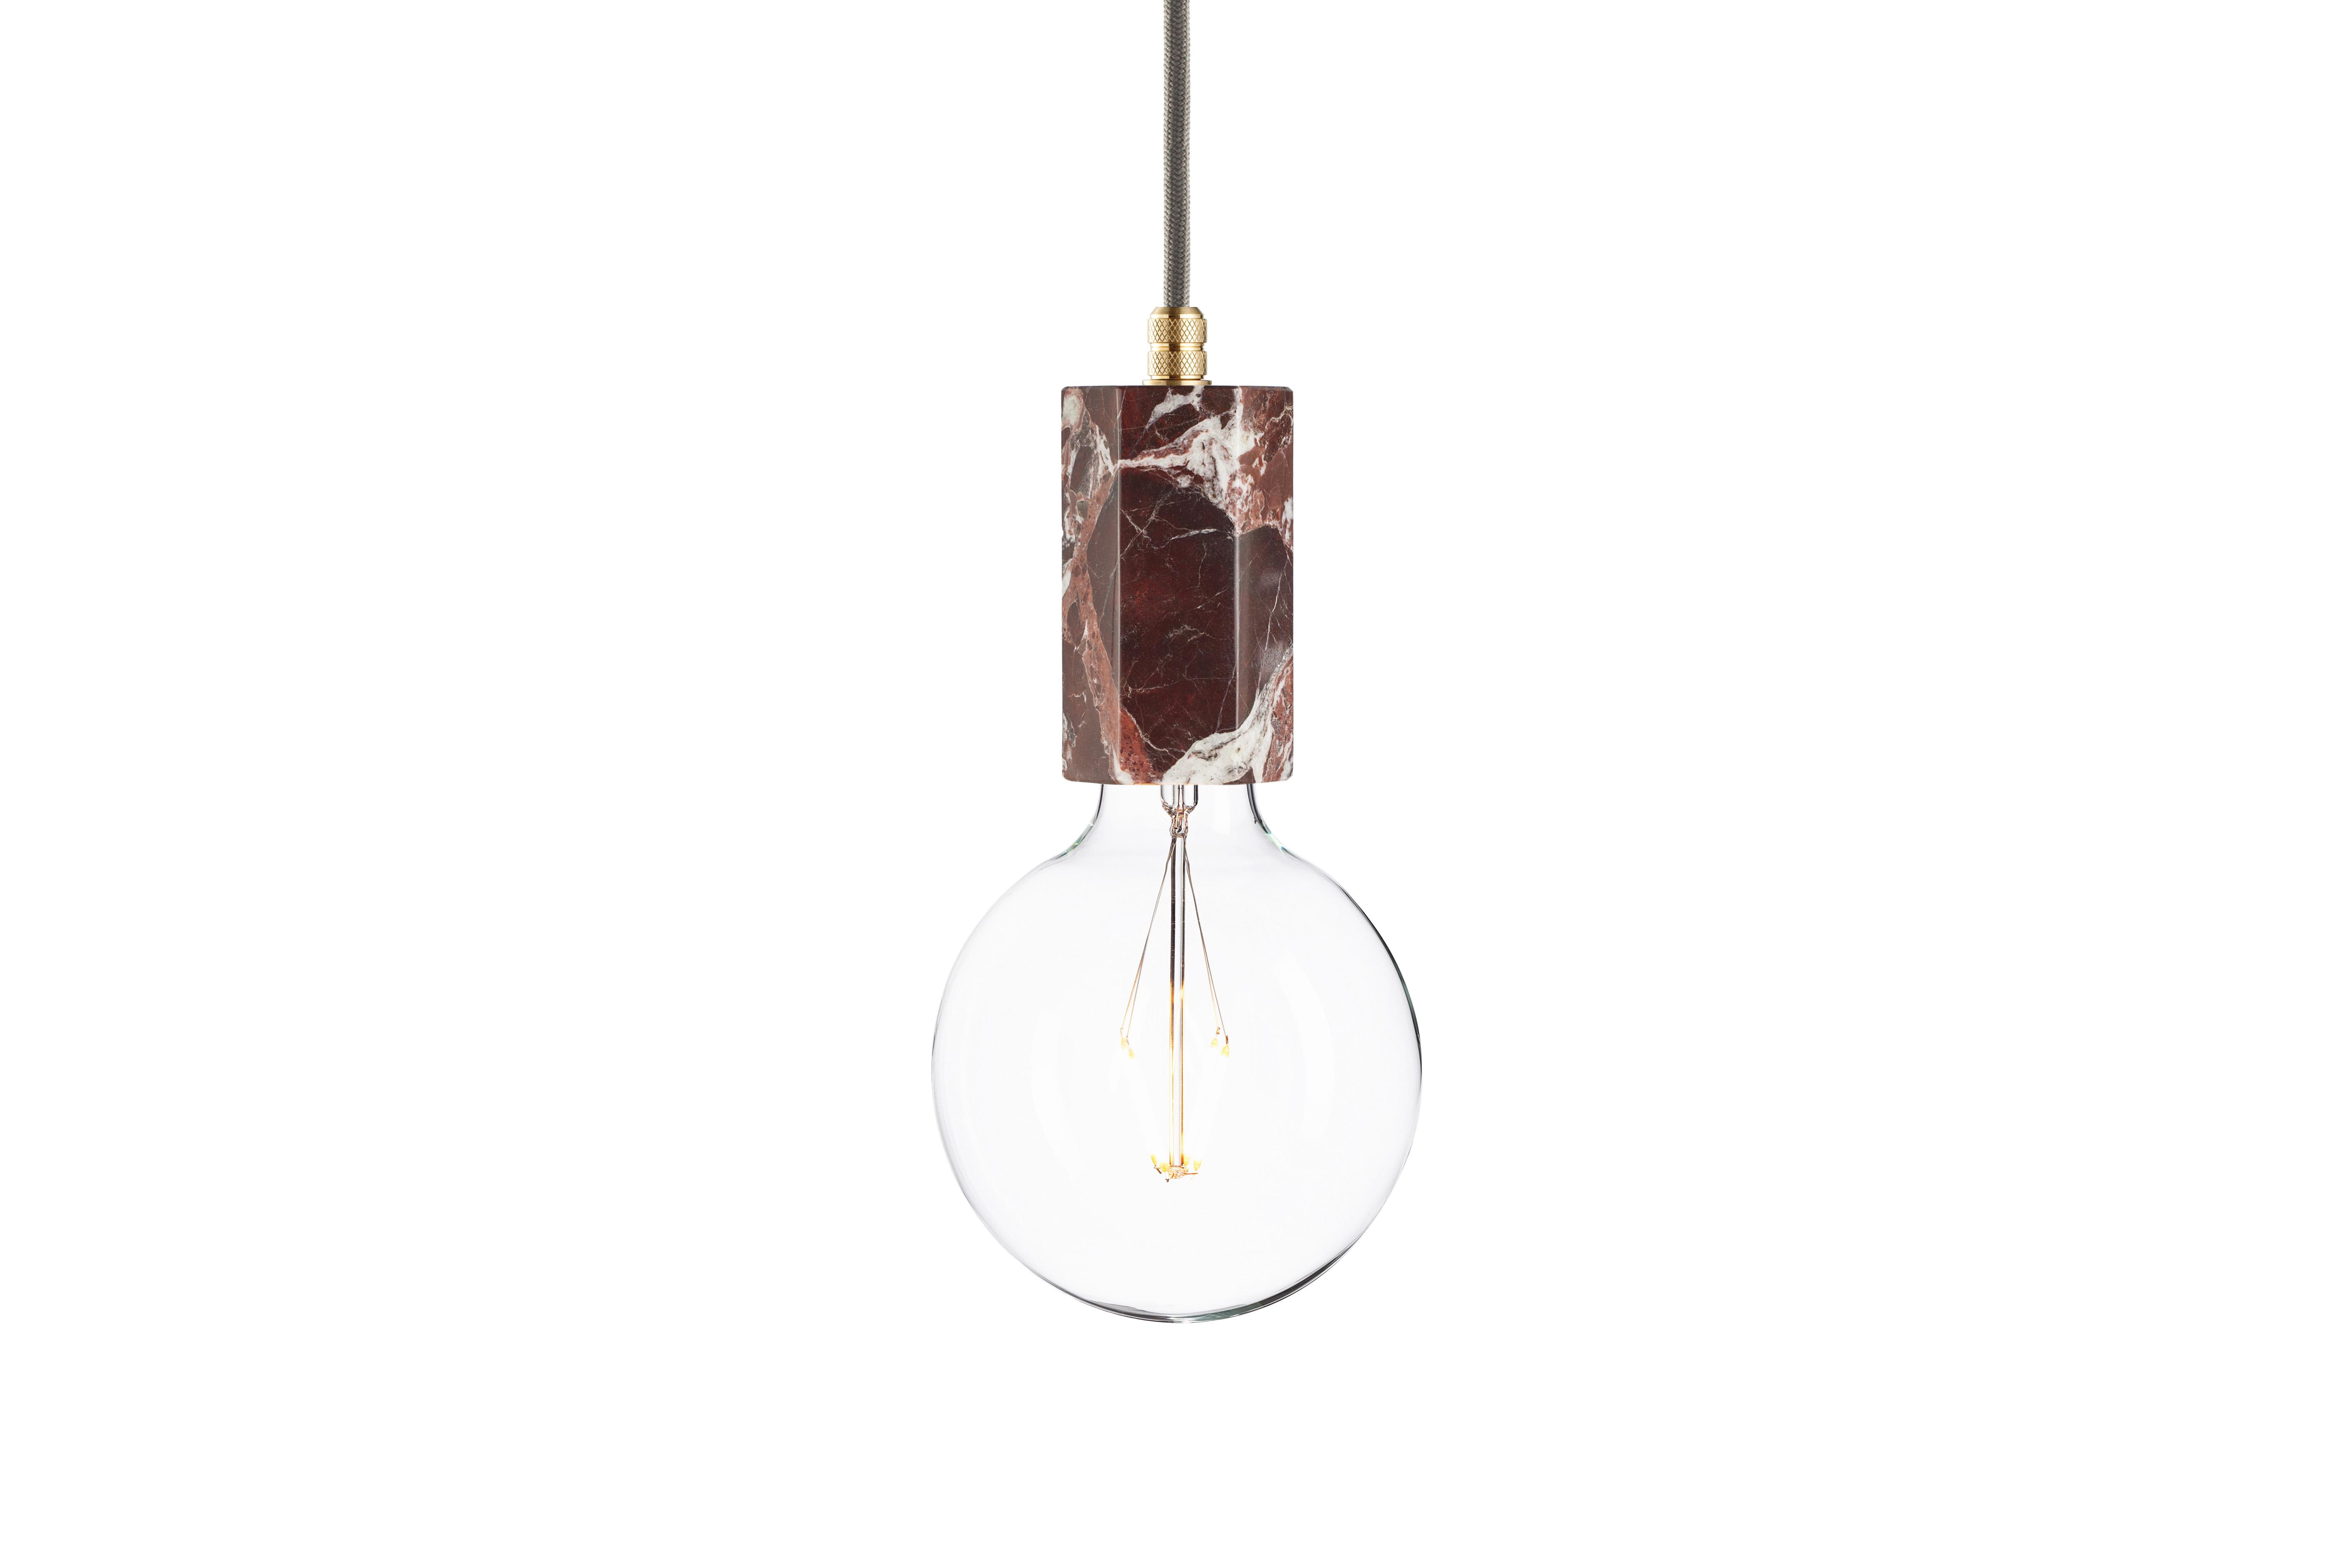 Подвесной светильник Marmor TromПодвесные светильники<br>Светлые линии великолепных узоров сморятся ярко и контрастно на фоне благородного темно-вишневого цвета. Рисунок натурального мрамора дарит особую элегантность оформлению подвесного светильника &amp;quot;Marmor Trom&amp;quot;. Он делает его минималистичный декор в стиле лофт роскошным. Прекрасный пример придания изысканности вещам при помощи отделки.&amp;amp;nbsp;&amp;lt;div&amp;gt;&amp;lt;br&amp;gt;&amp;lt;/div&amp;gt;&amp;lt;div&amp;gt;Лампочка приобретается отдельно. Цоколь Е27, максимальная мощность лампочки - 60 W, длина шнура - 3 м.&amp;amp;nbsp;&amp;amp;nbsp;&amp;lt;/div&amp;gt;&amp;lt;div&amp;gt;Материал: корпус - мрамор Rosso Levanto, фурнитура - латунь, сталь, патрон - пластик, кабель в оплетке. Под заказ. Срок изготовления 3 недели.&amp;amp;nbsp;&amp;lt;/div&amp;gt;<br><br>Material: Мрамор<br>Высота см: 12